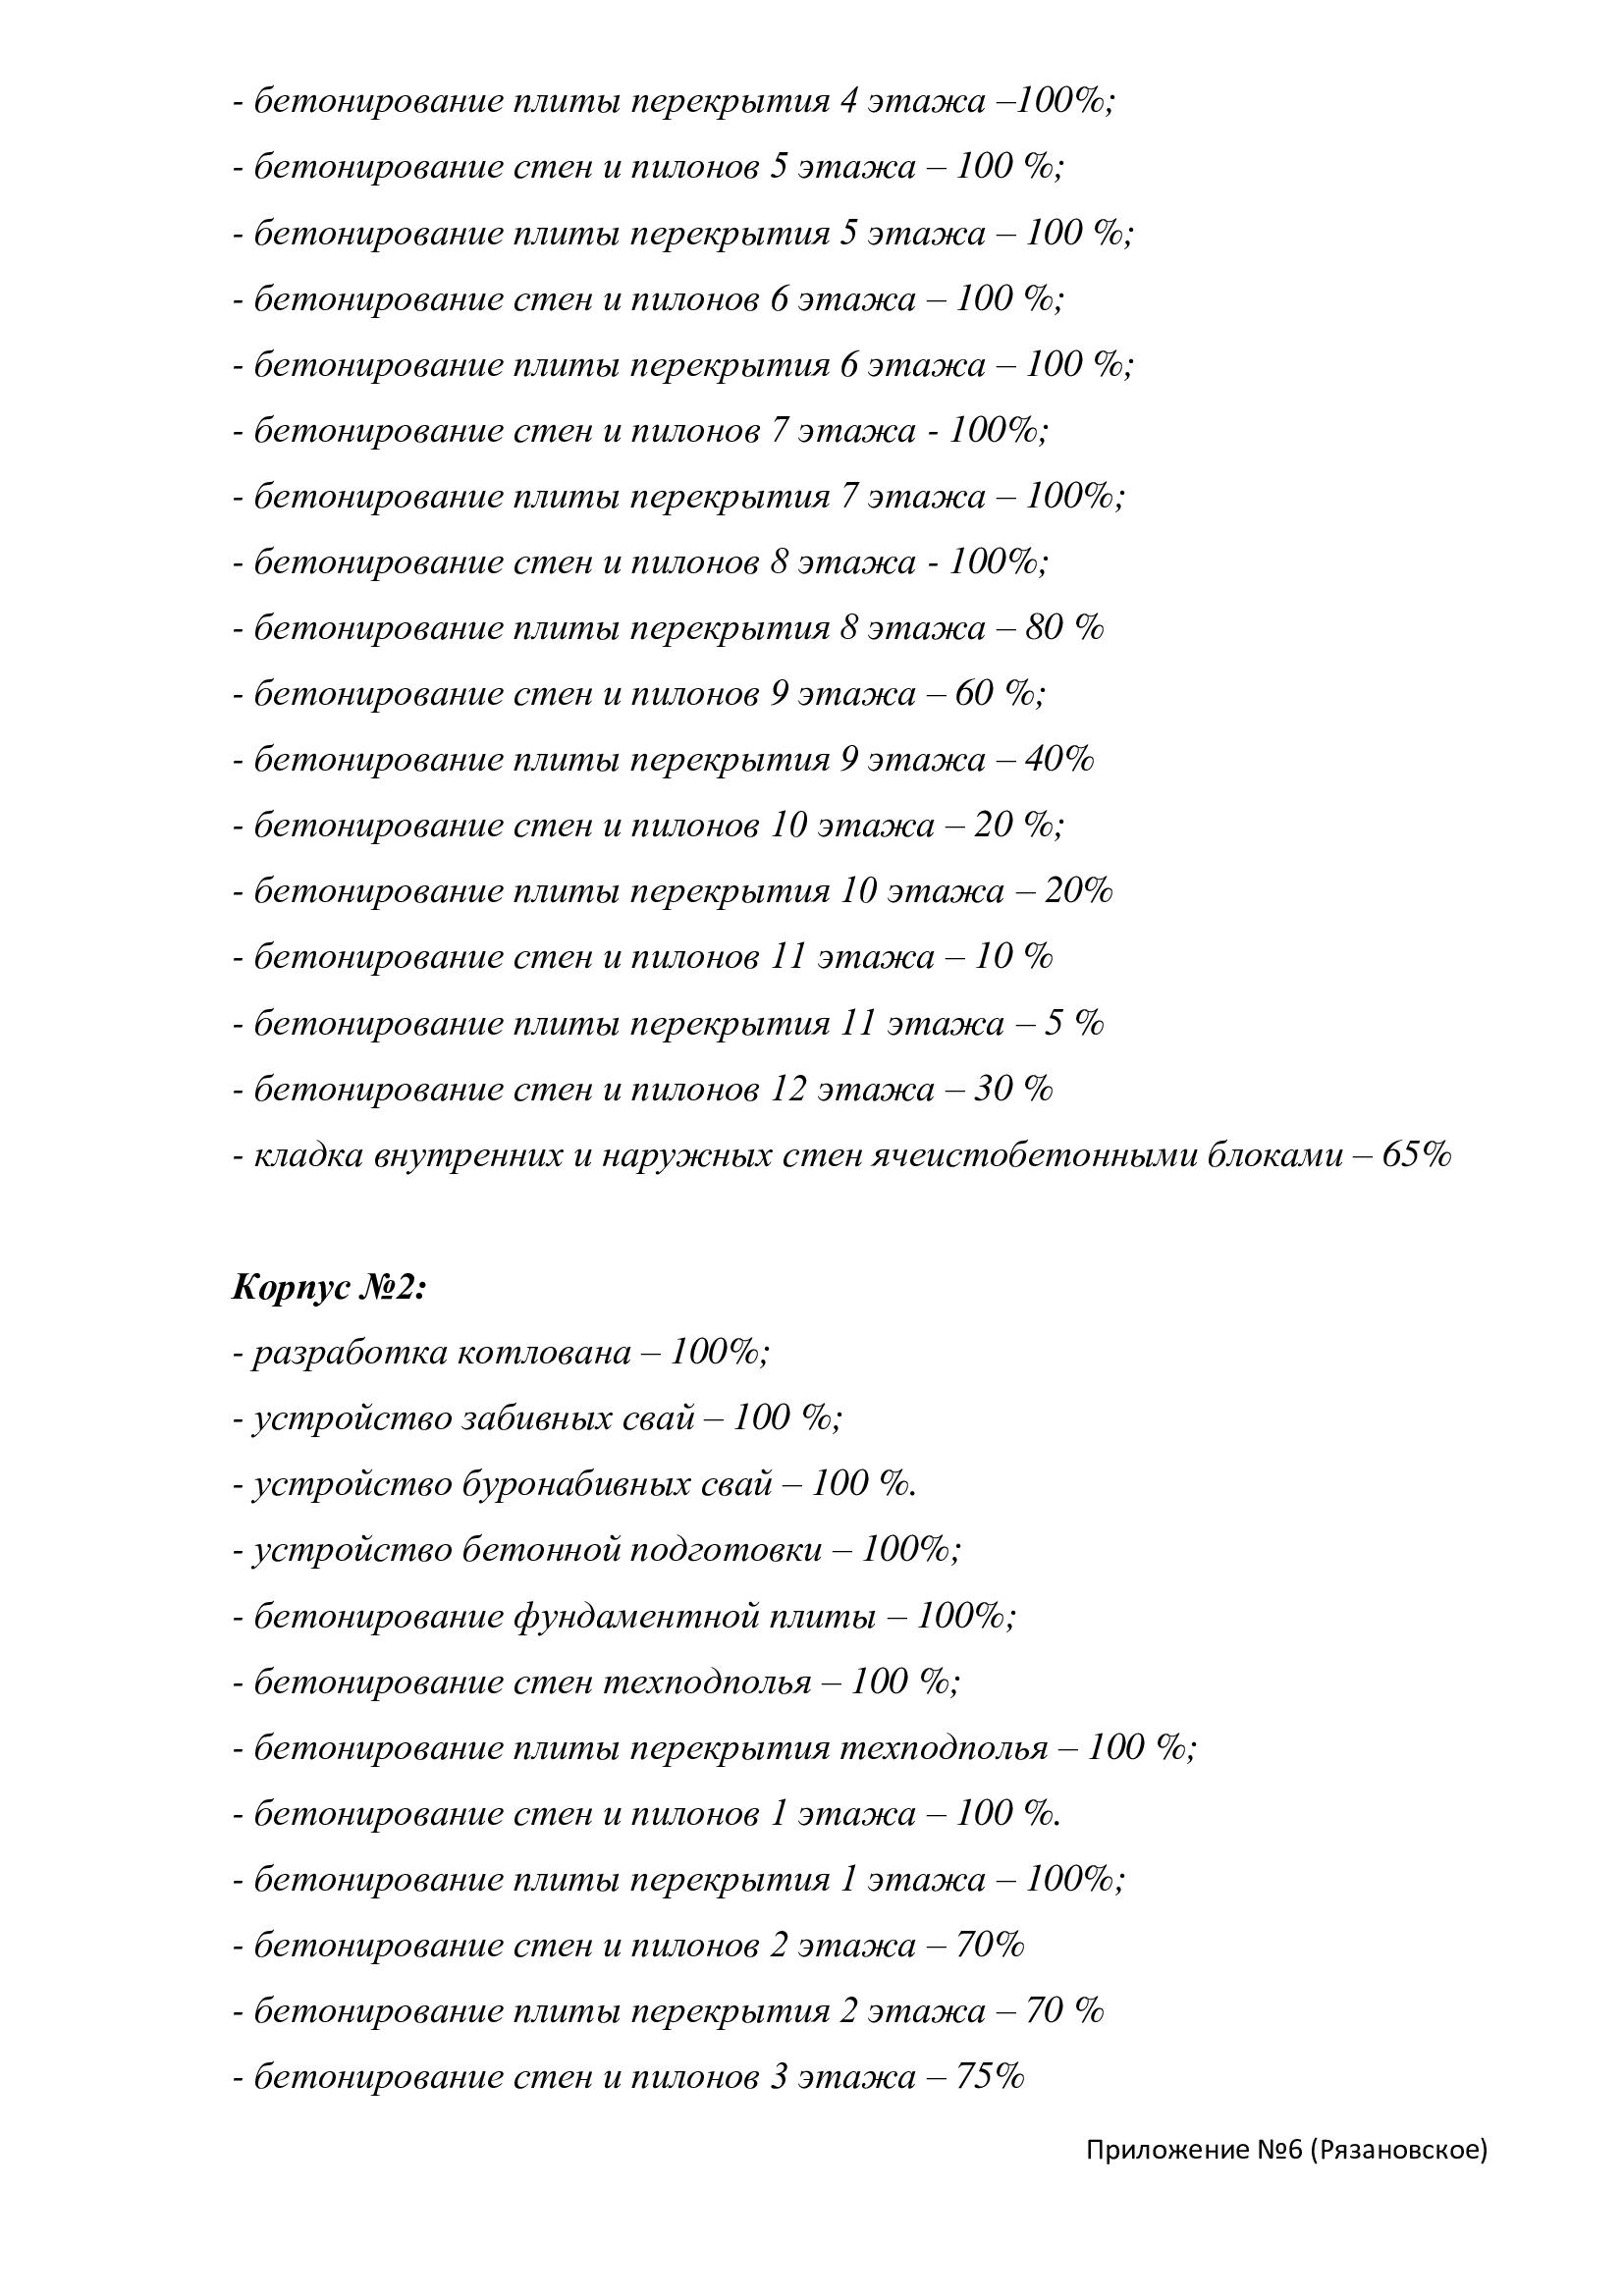 Аналитическая справка о достройке компенсационного дома в поселении Рязановское